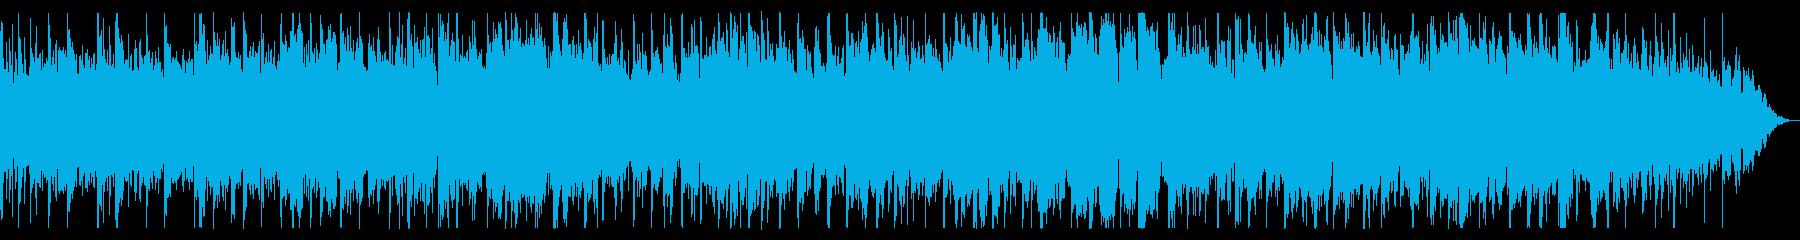 アンニュイな感じのシンセBGMの再生済みの波形